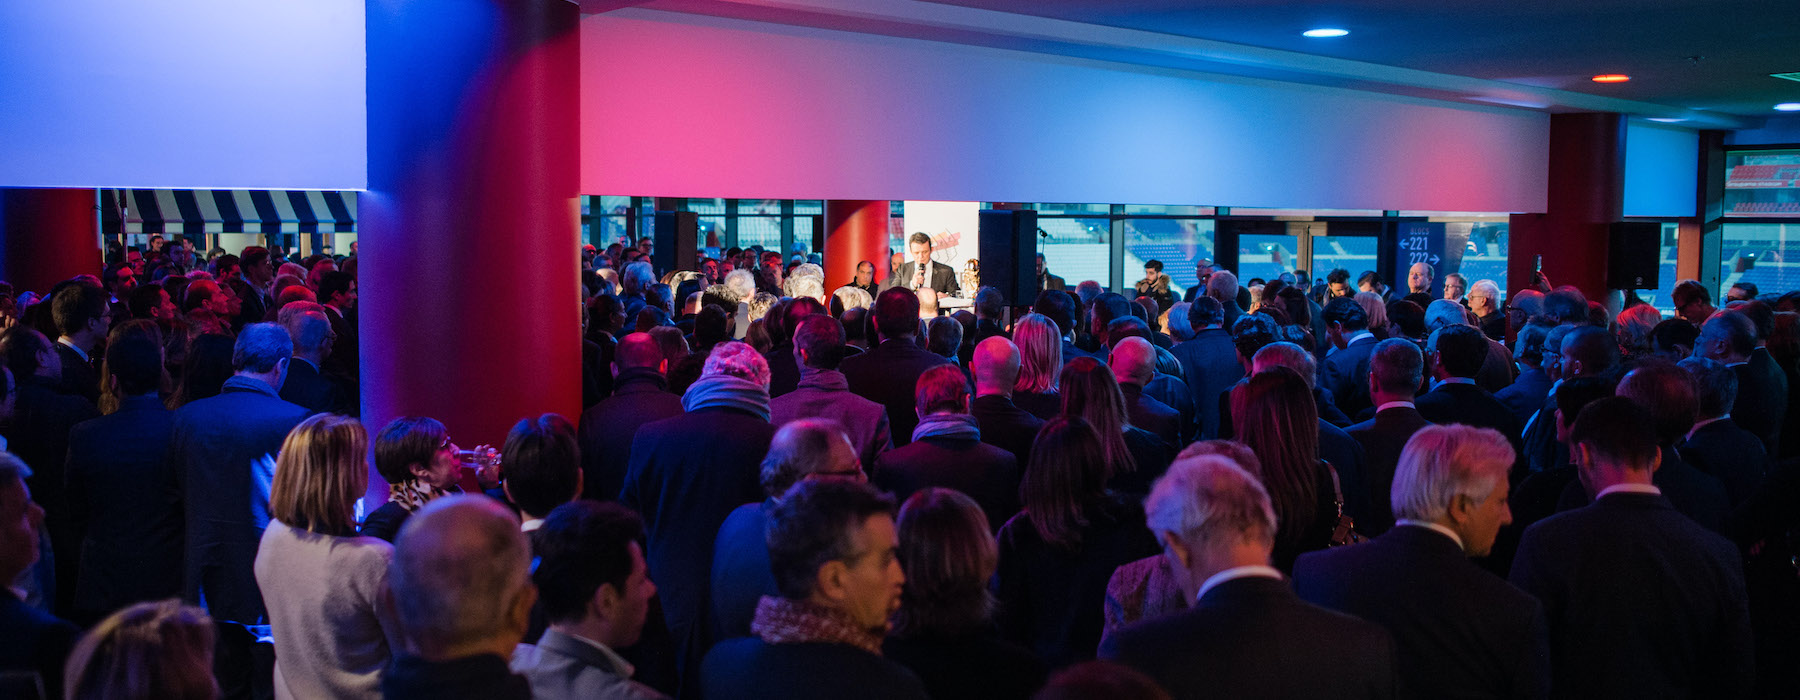 L'odysée des entrepreneurs organisée par le MEDEF Lyon-Rhône